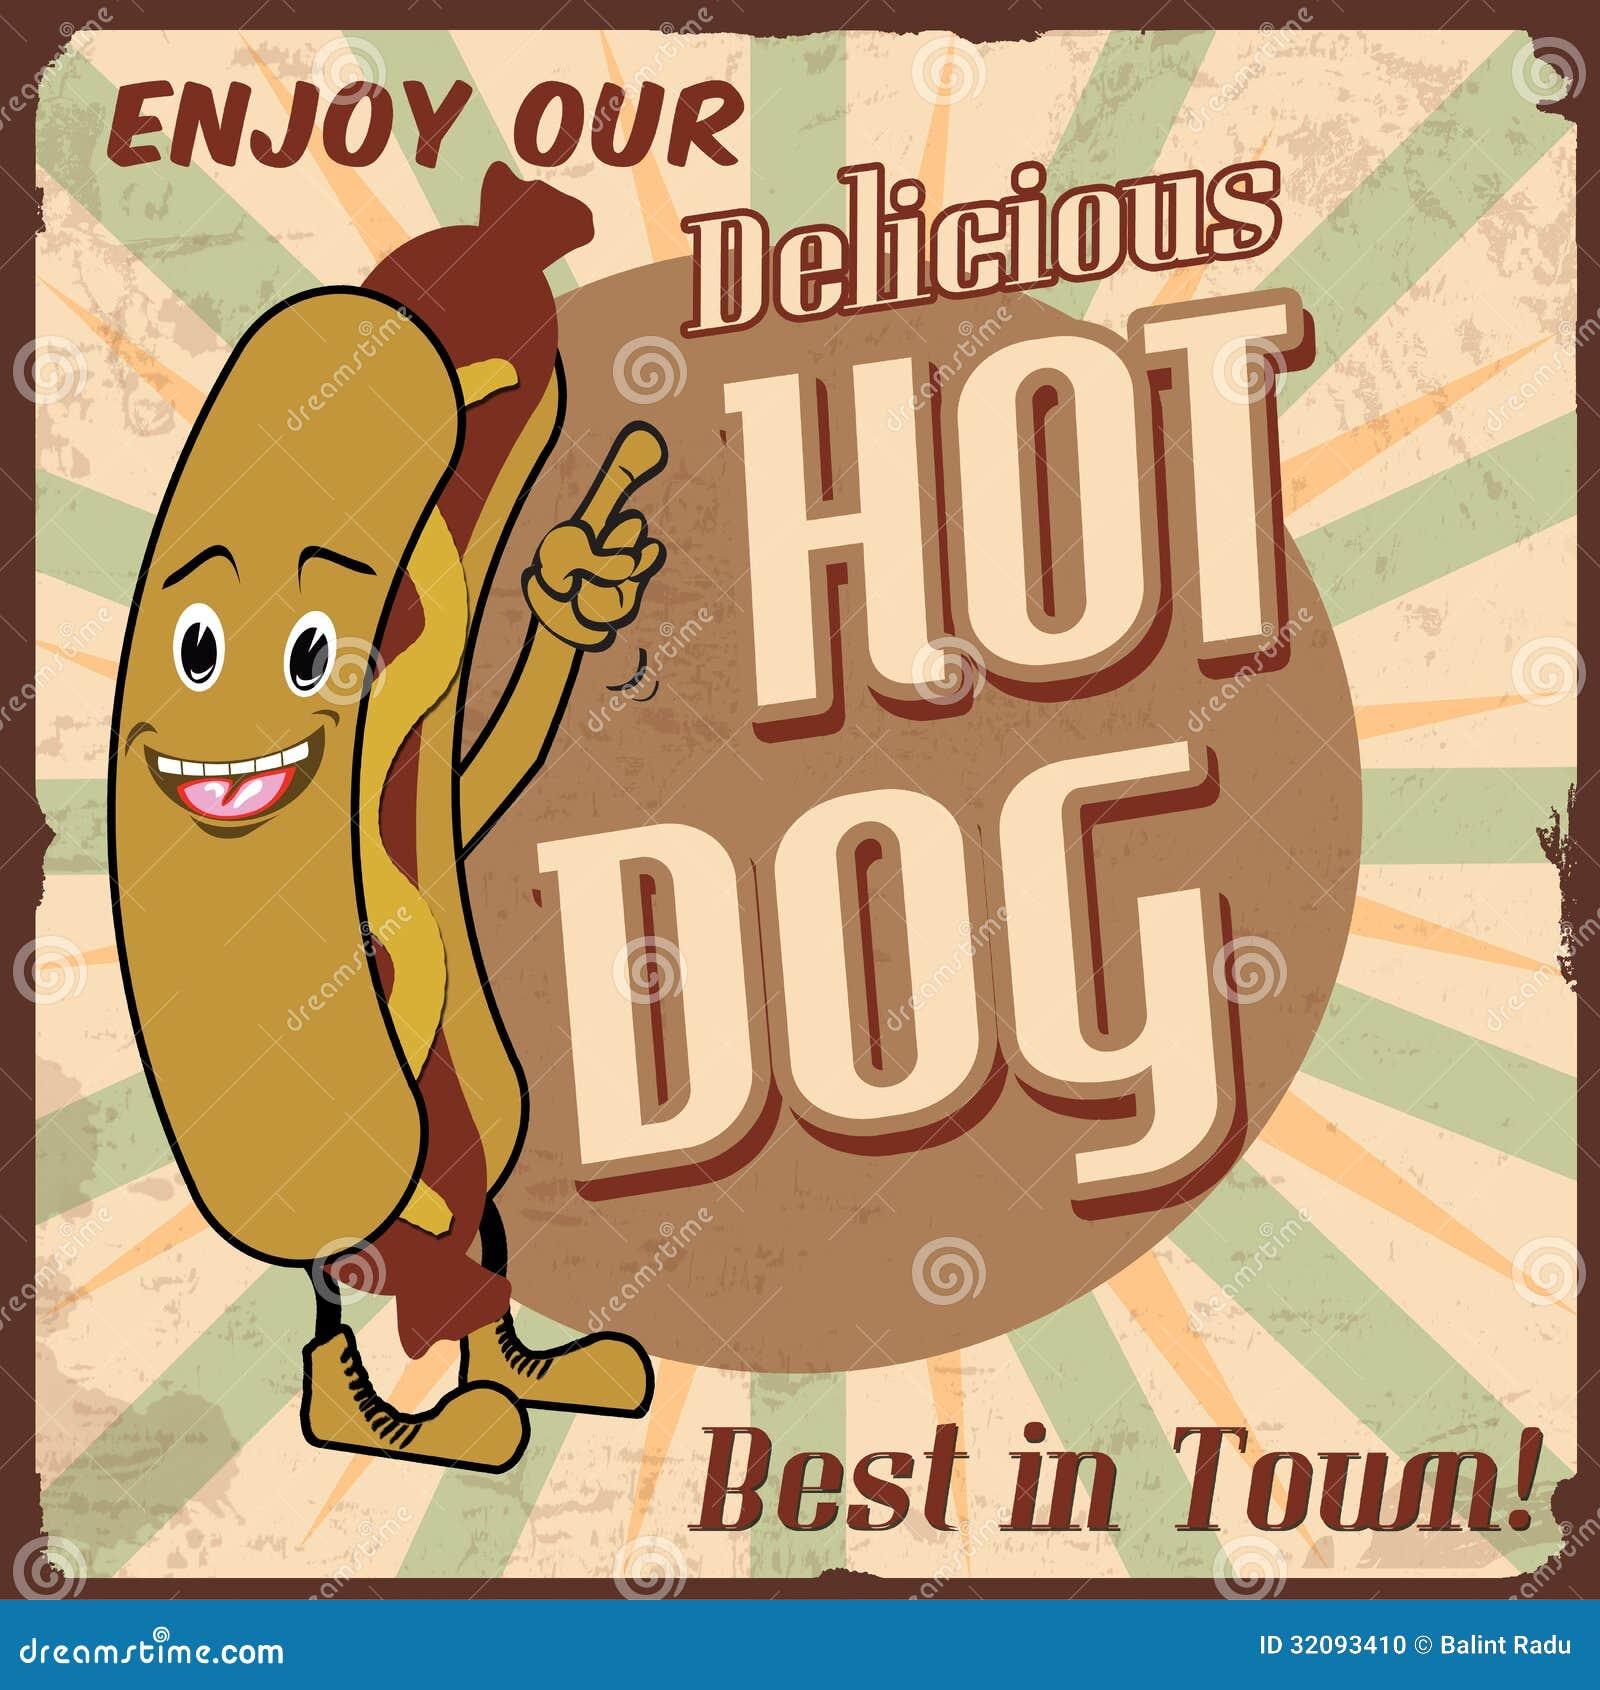 Vintage hot dog background, vector illustration.